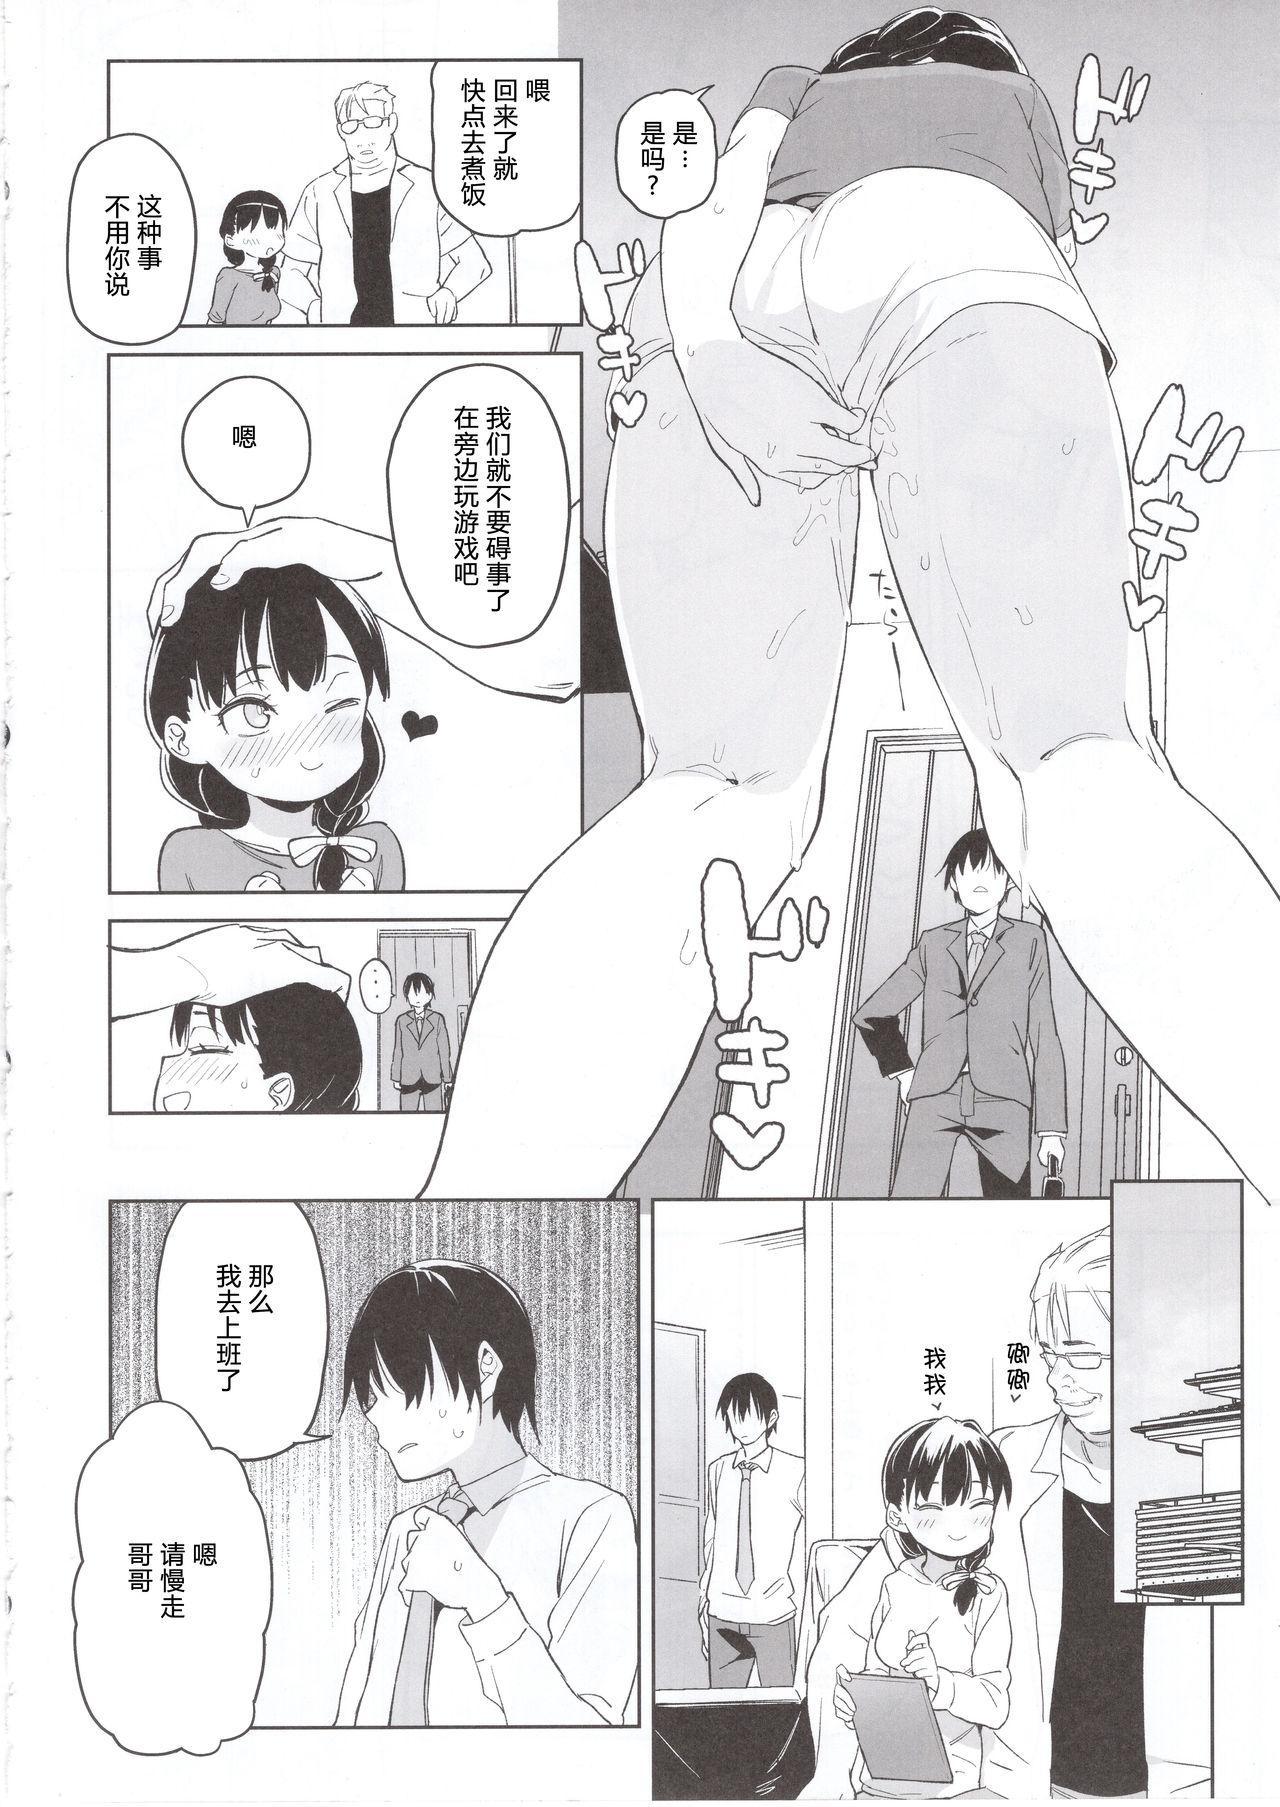 """Ore no Imouto ga Oji-san no """"Onaho"""" ni Naru to Iidashita!!   我的妹妹说要成为叔父的「花嫁」飞机杯!! 15"""